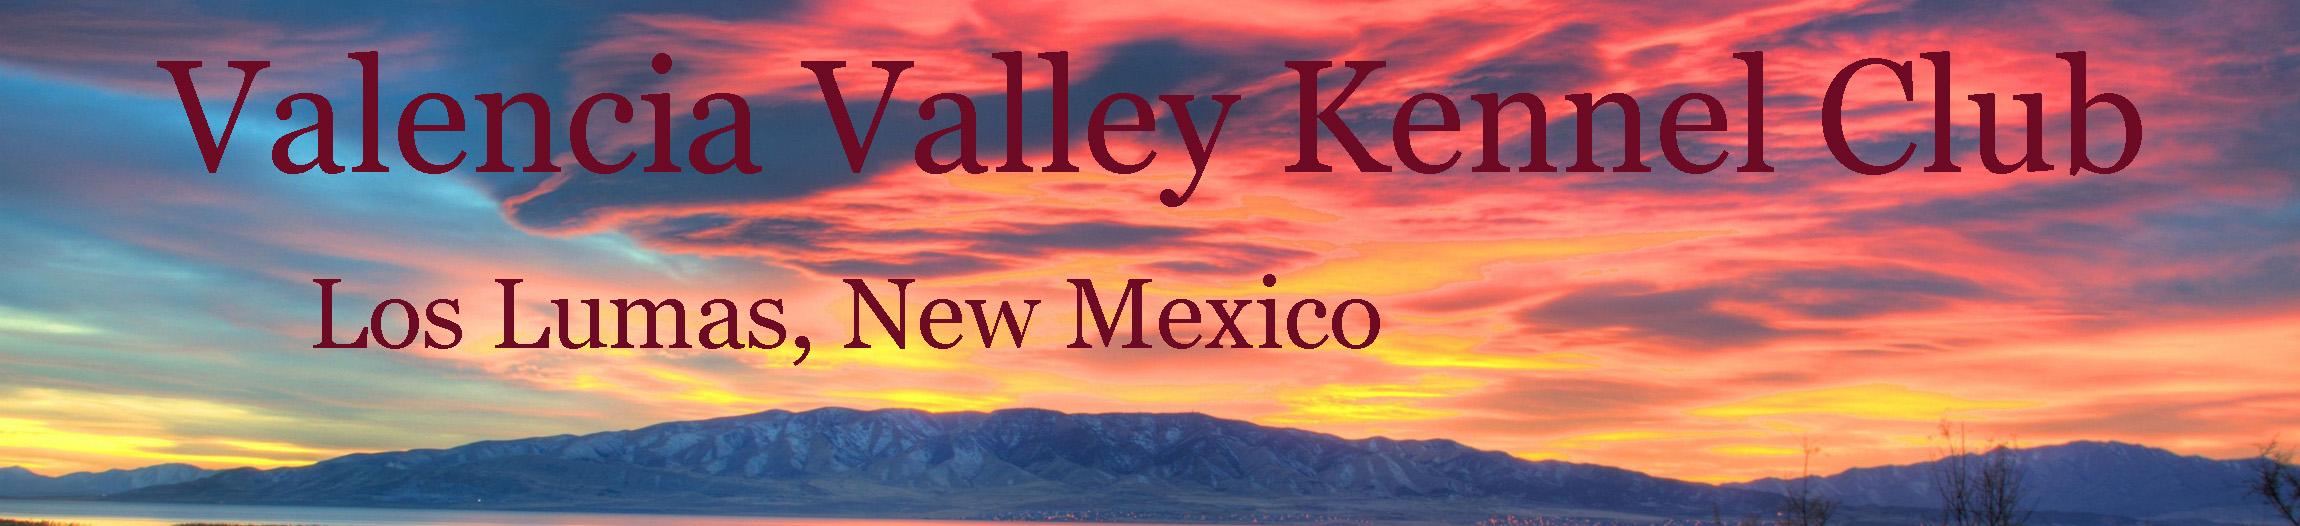 Valencia Valley Kennel Club